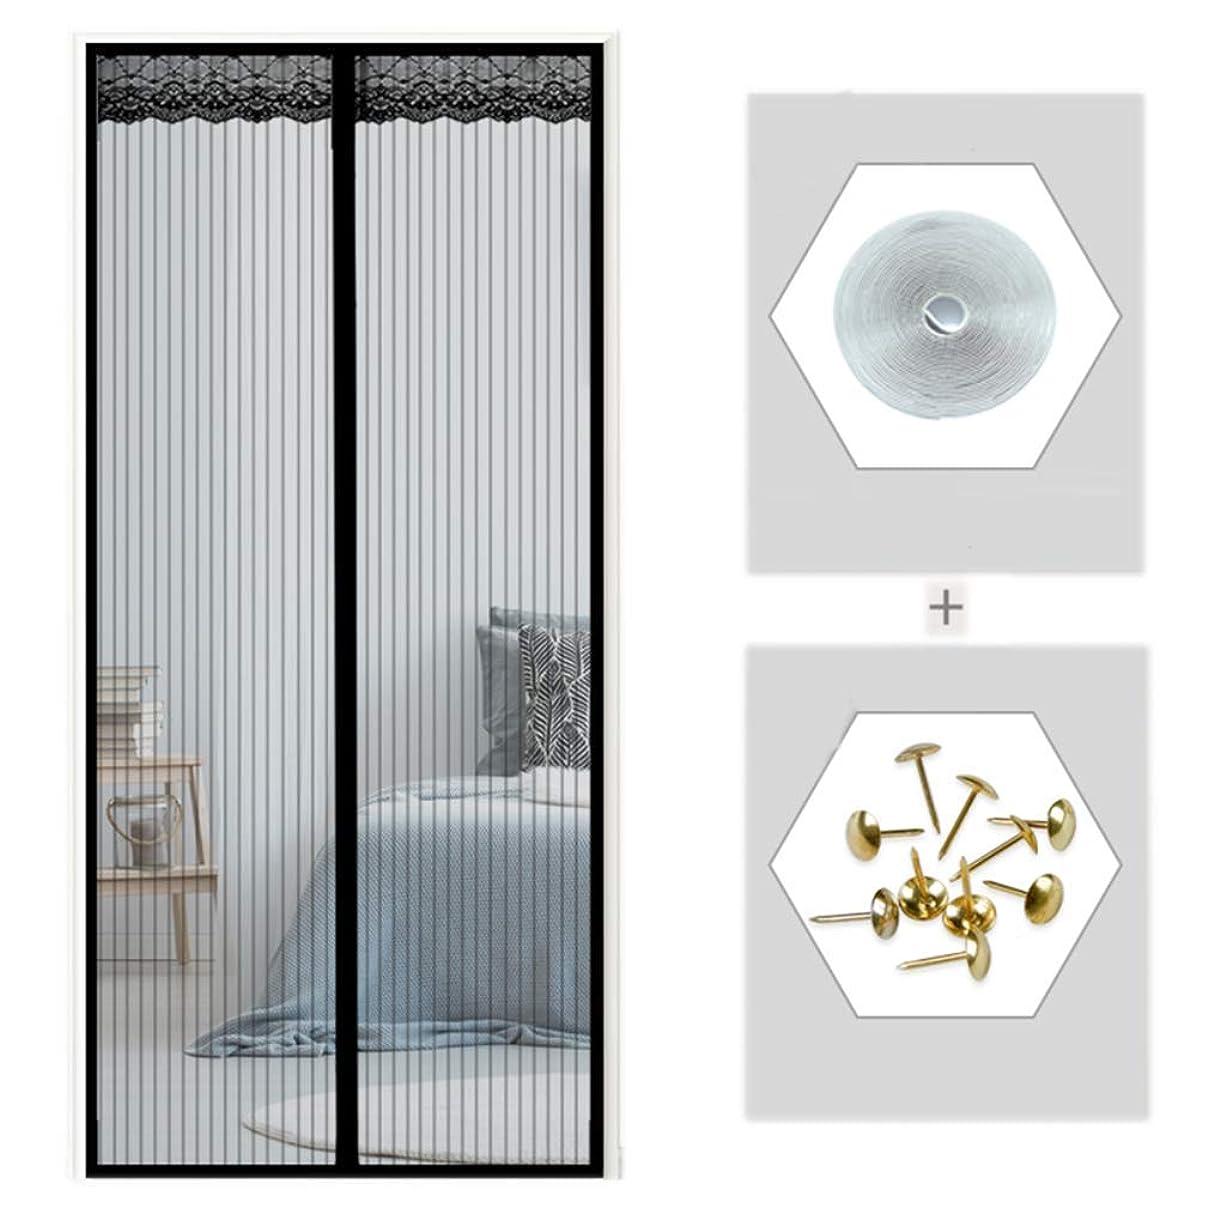 シーサイド同等の世界的に35x95inの磁石、黒いハンズフリーの頑丈な網のカーテンが付いているスクリーンのドアスクリーンの磁石は子供およびペットとうまく働きます,40x92in/100x230CM